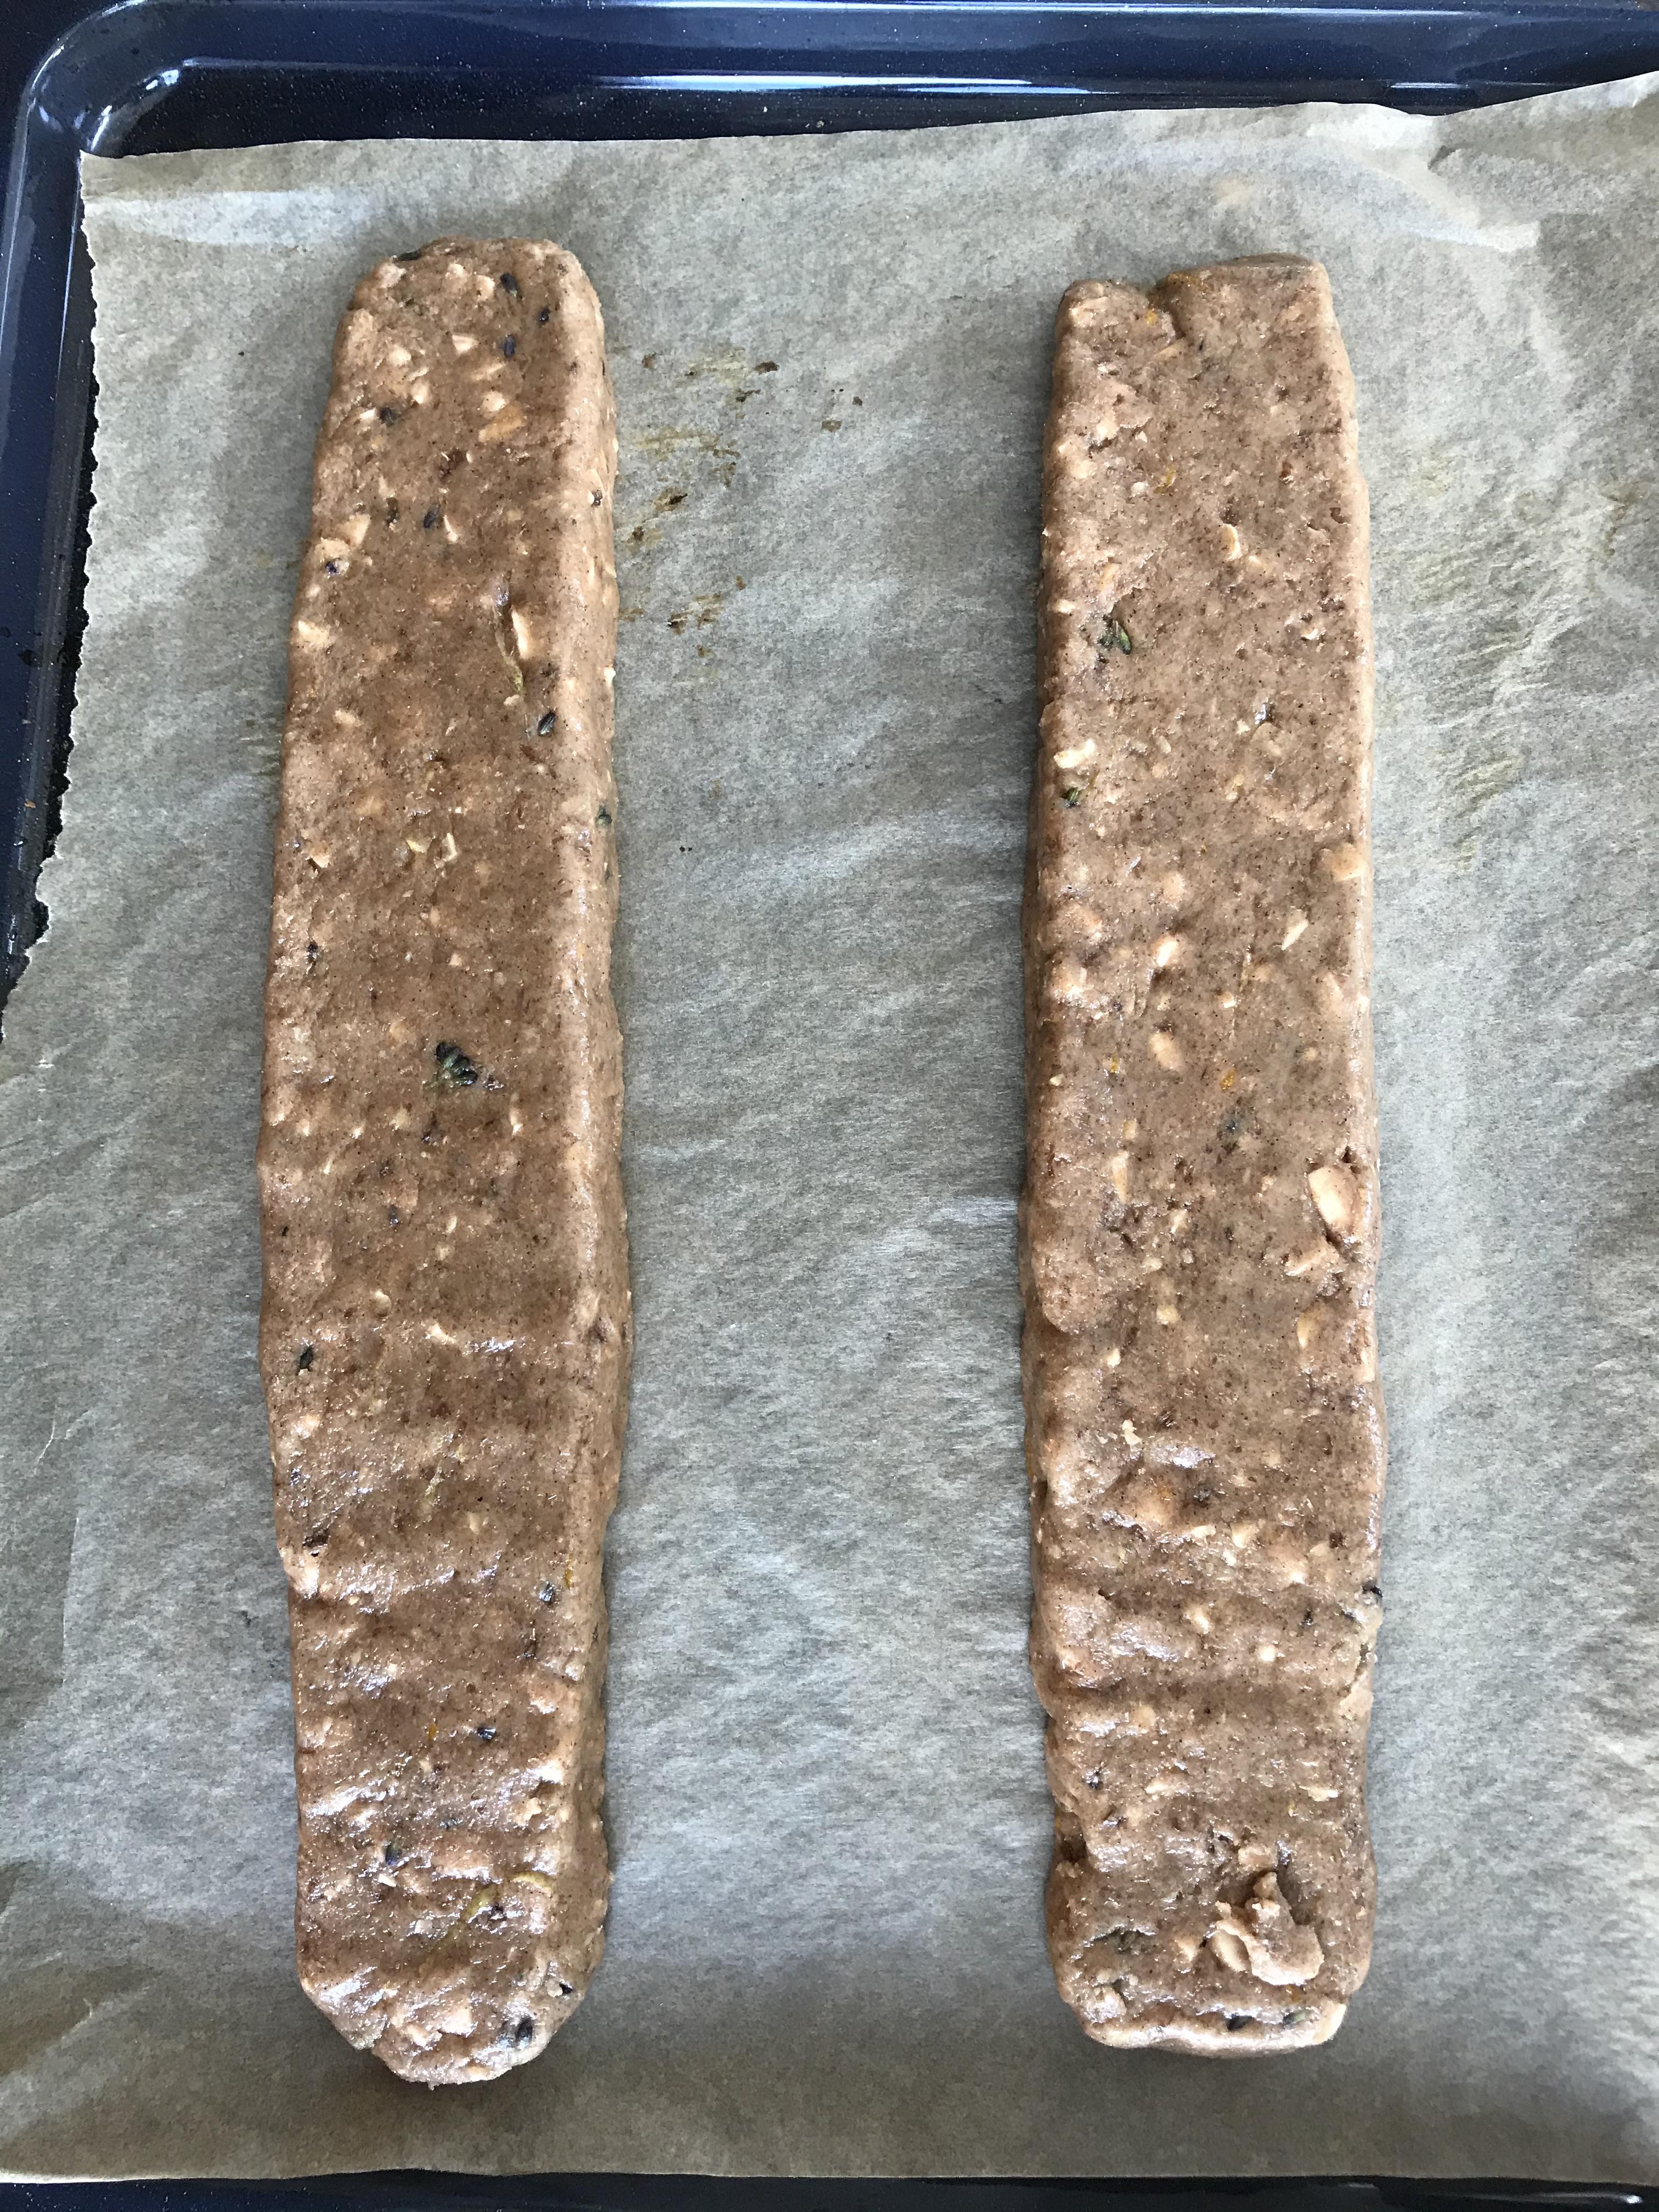 Verdeel het deeg in 2 stukken, vorm en vlak af.